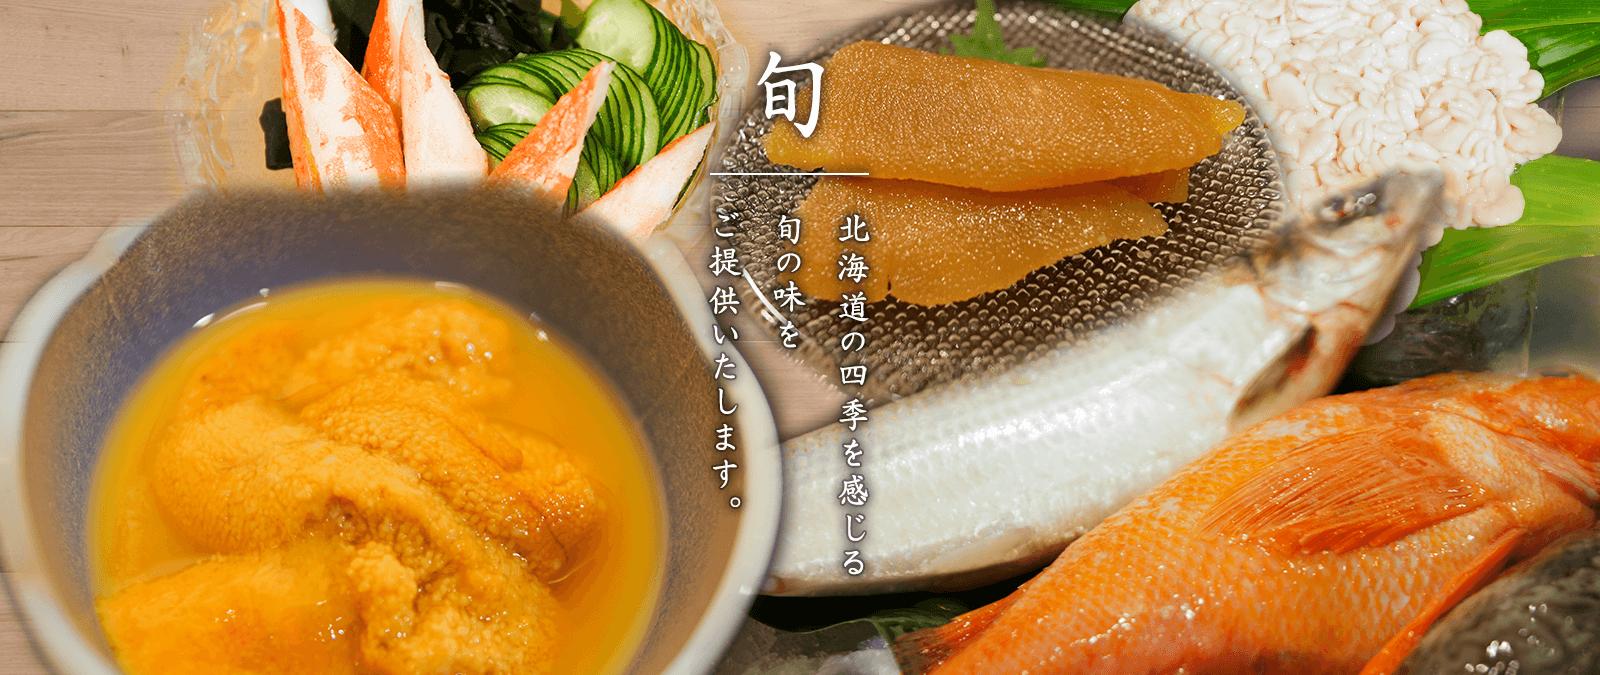 北海道の四季を感じる旬の味をご提供いたします。